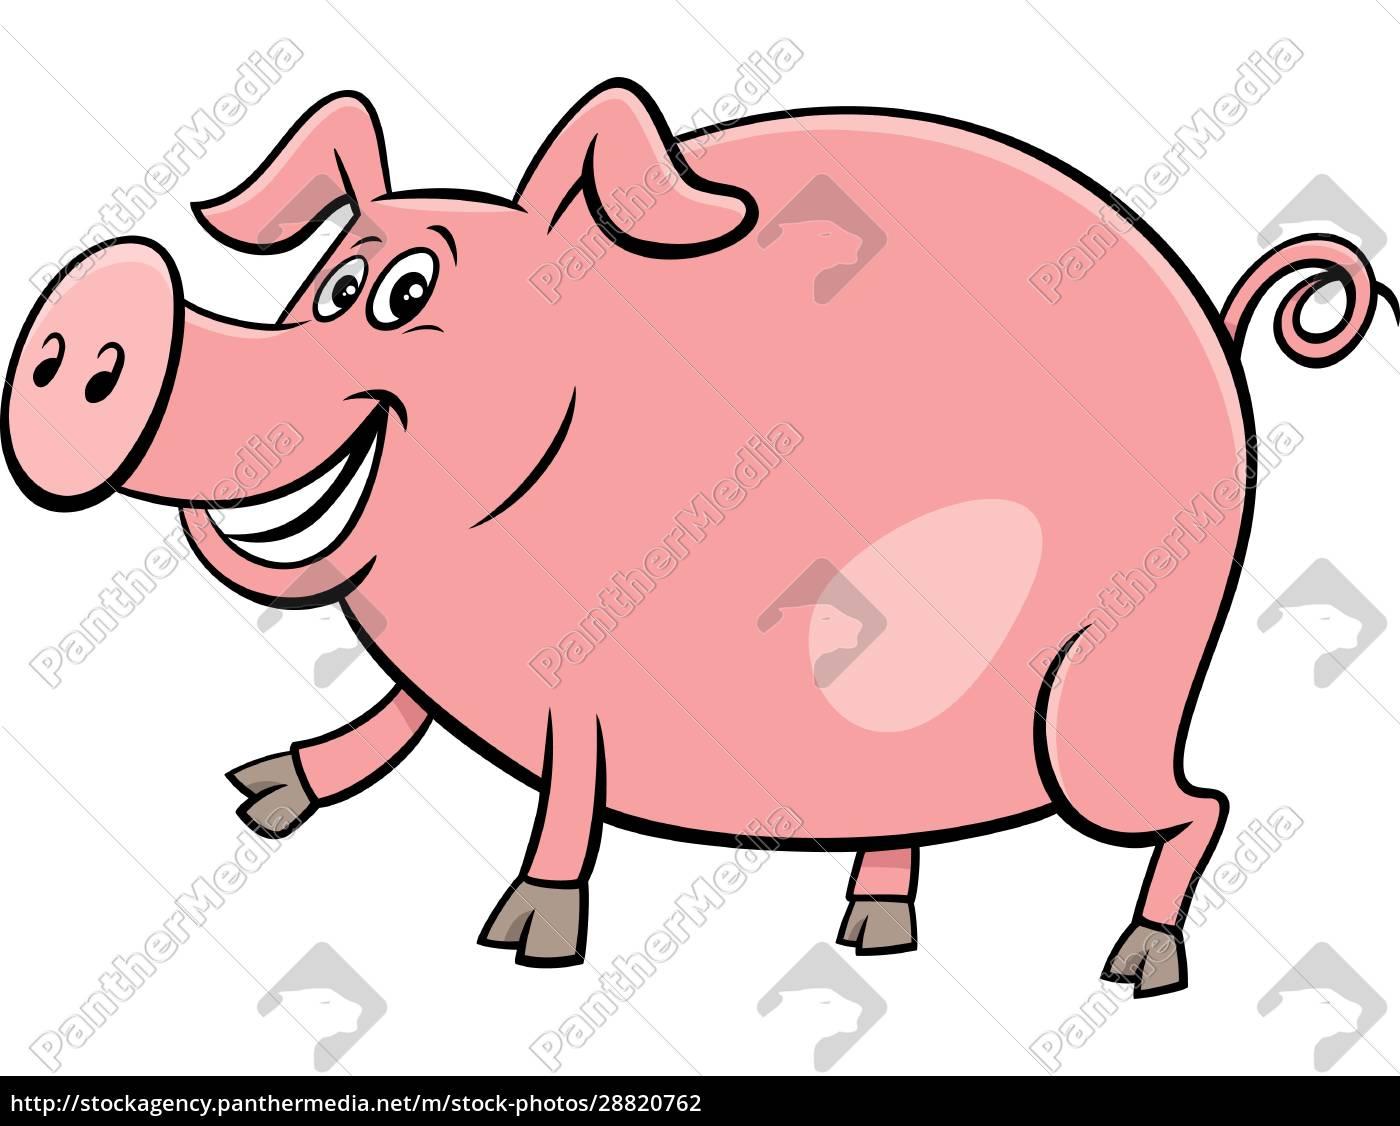 feliz, cerdo, granja, animal, personaje, de - 28820762